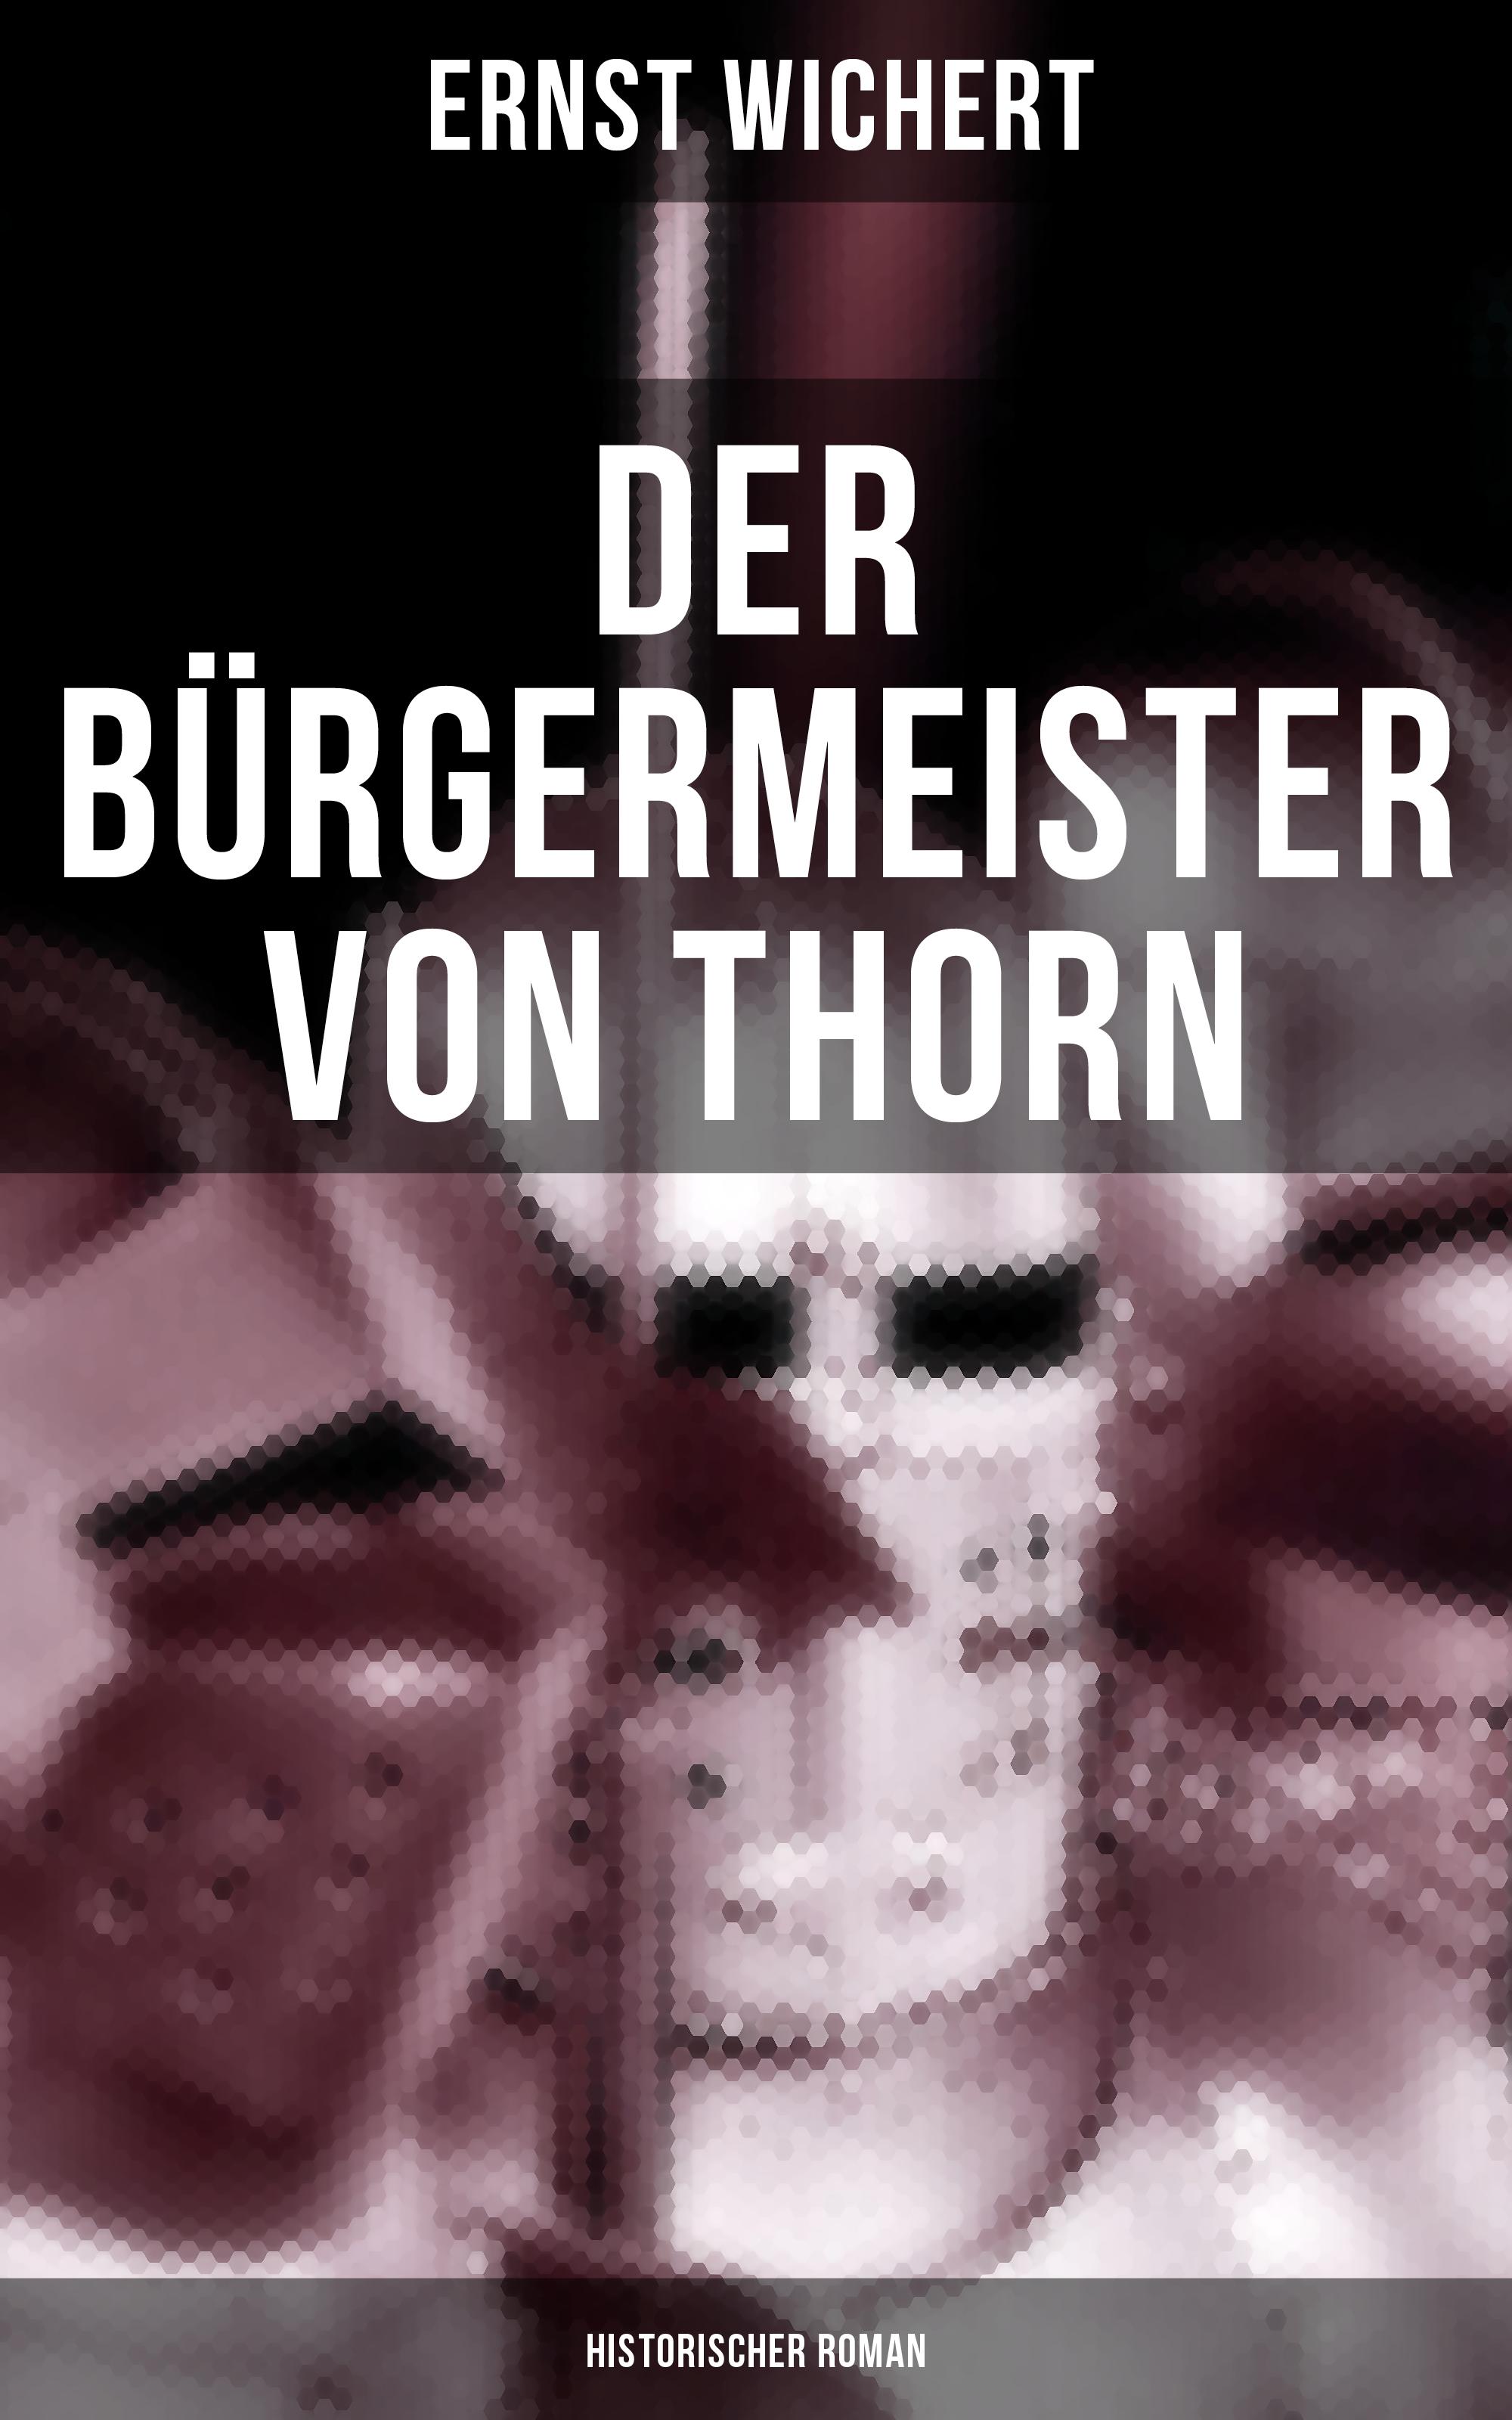 Ernst Wichert Der Bürgermeister von Thorn (Historischer Roman) rebecca myga der deutsche regionalkrimi der roman vogelwild von richard auer